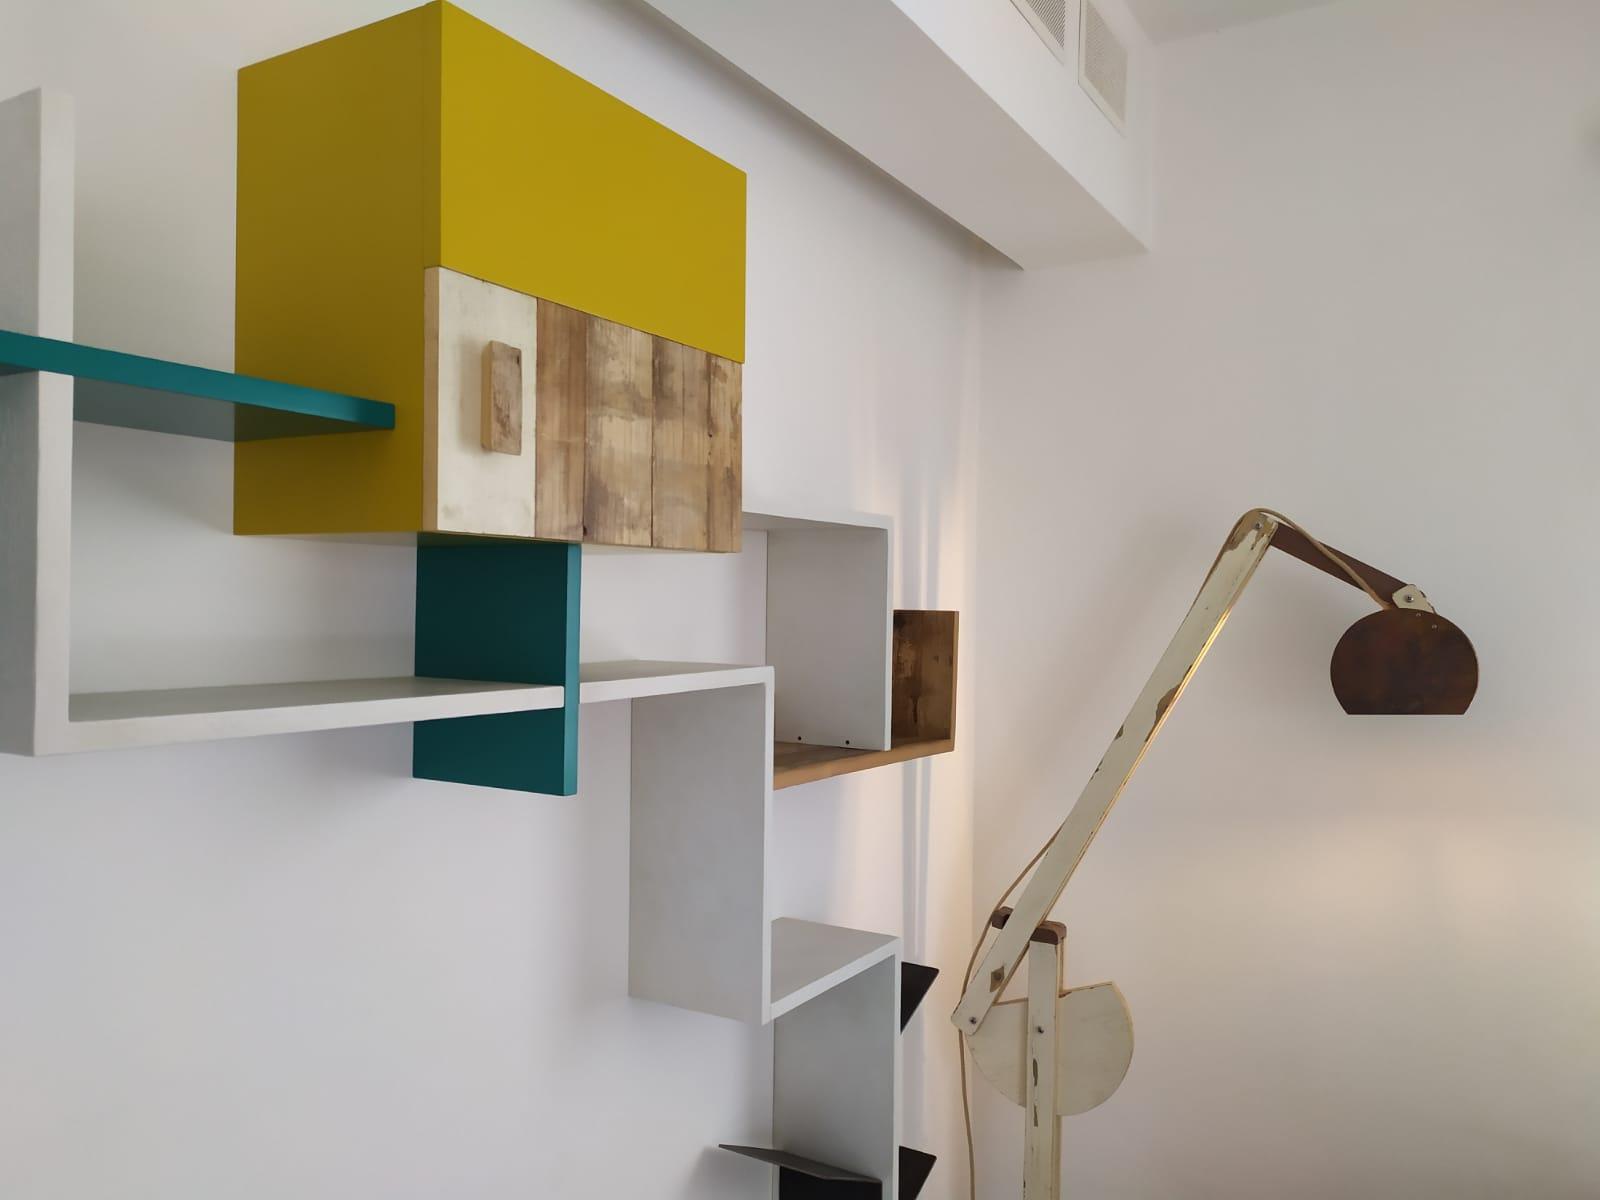 parete attrezzata legno coloratao di recupero controprogetto